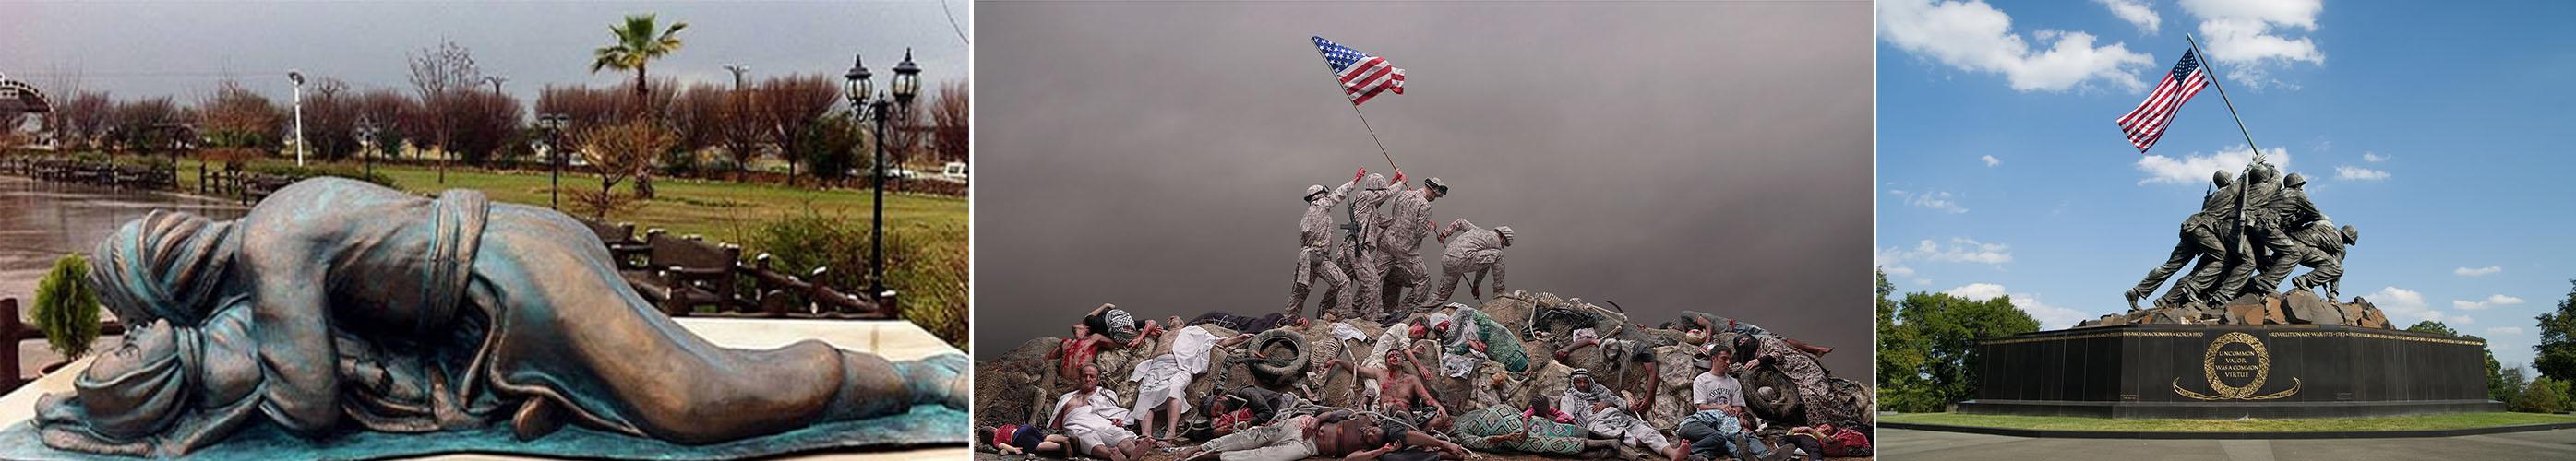 10 – مجسمهی یادبود ایوجیما، آرلینگتون، 1954- تصویر کامل «داستان یک پرچم» 1394- مجسمهی یادبود کشتار شیمیایی حلبچه 2003